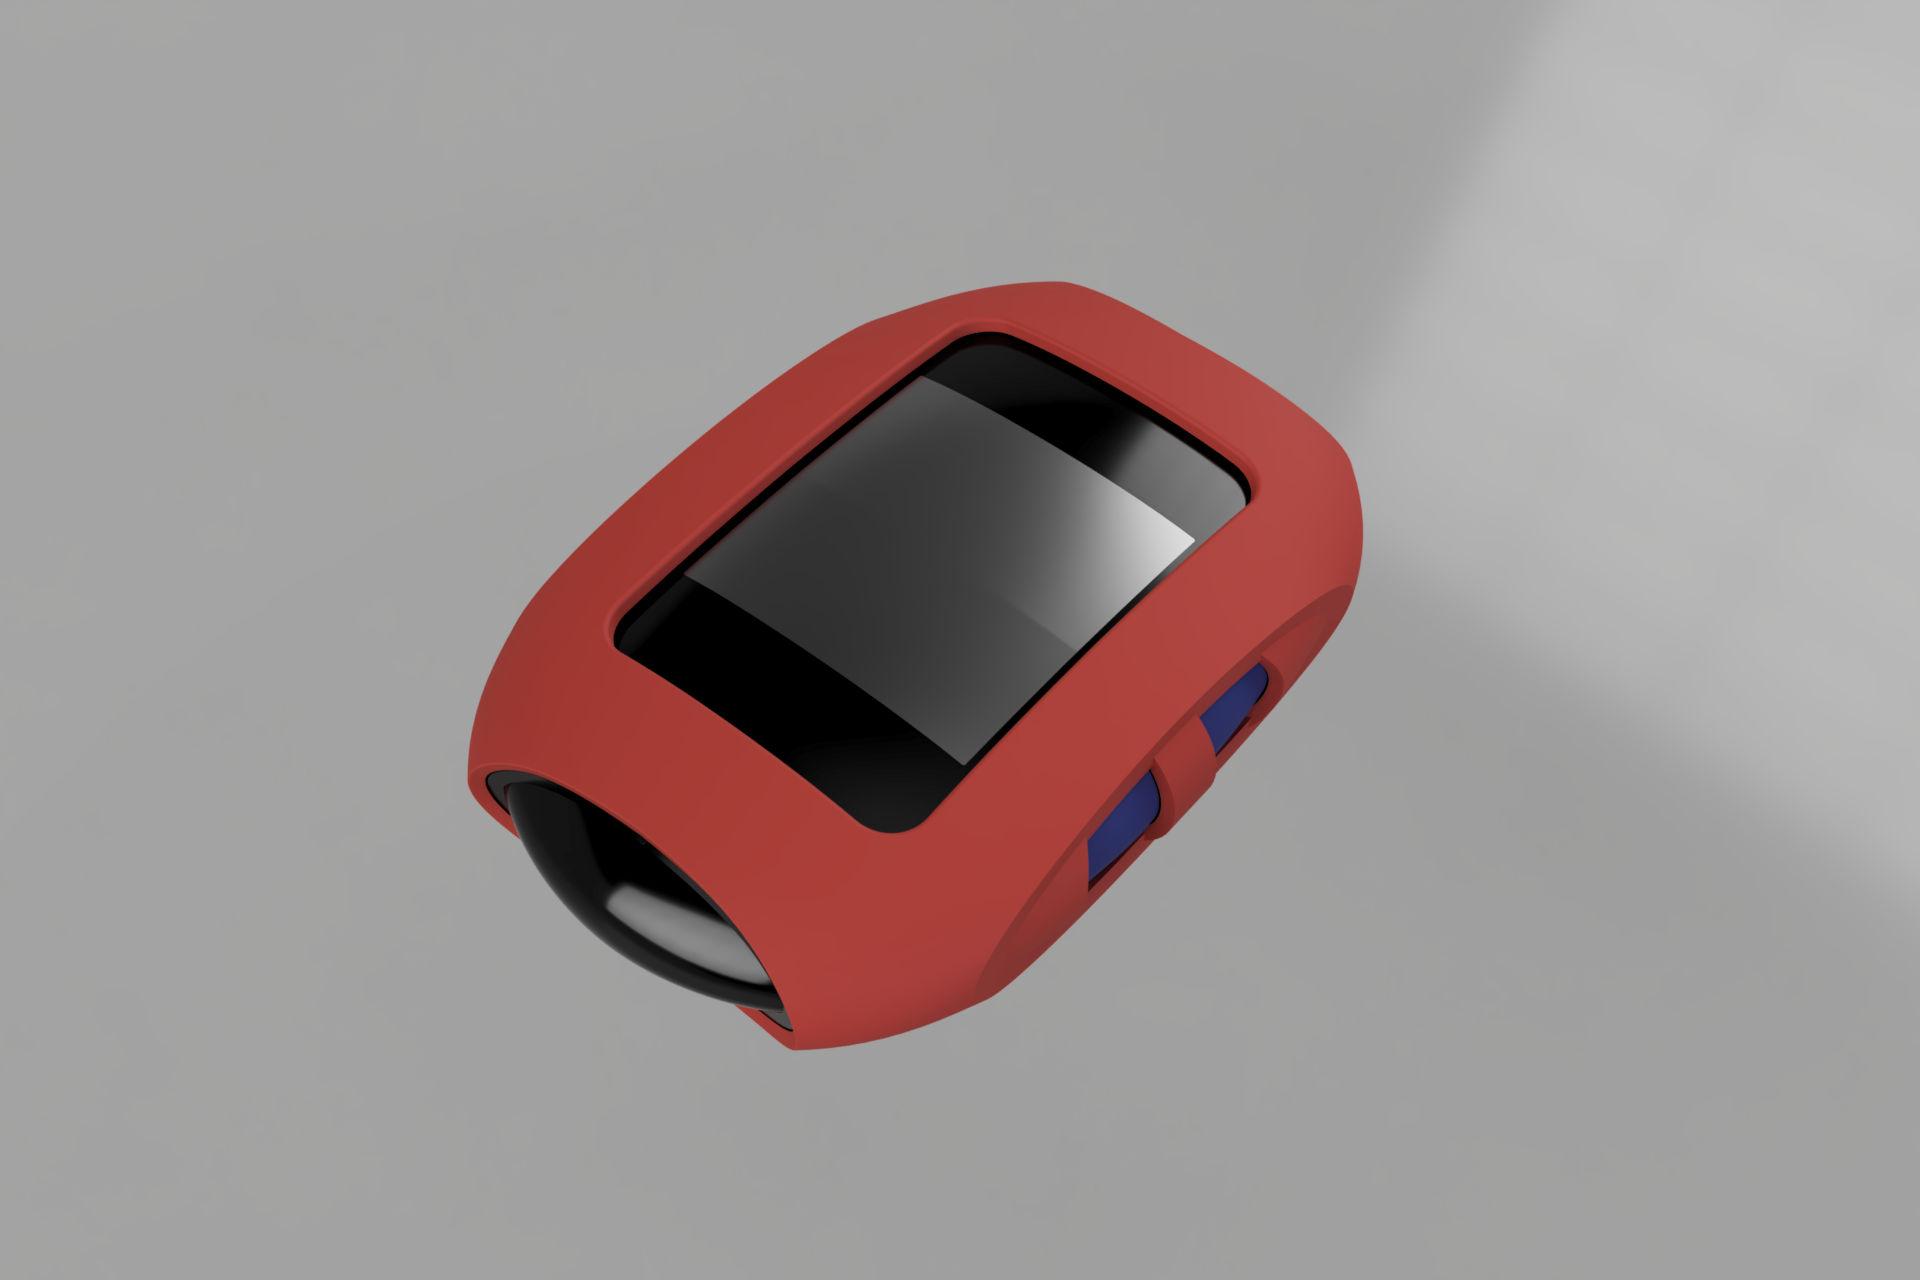 Funda medidor render en Fusion 360